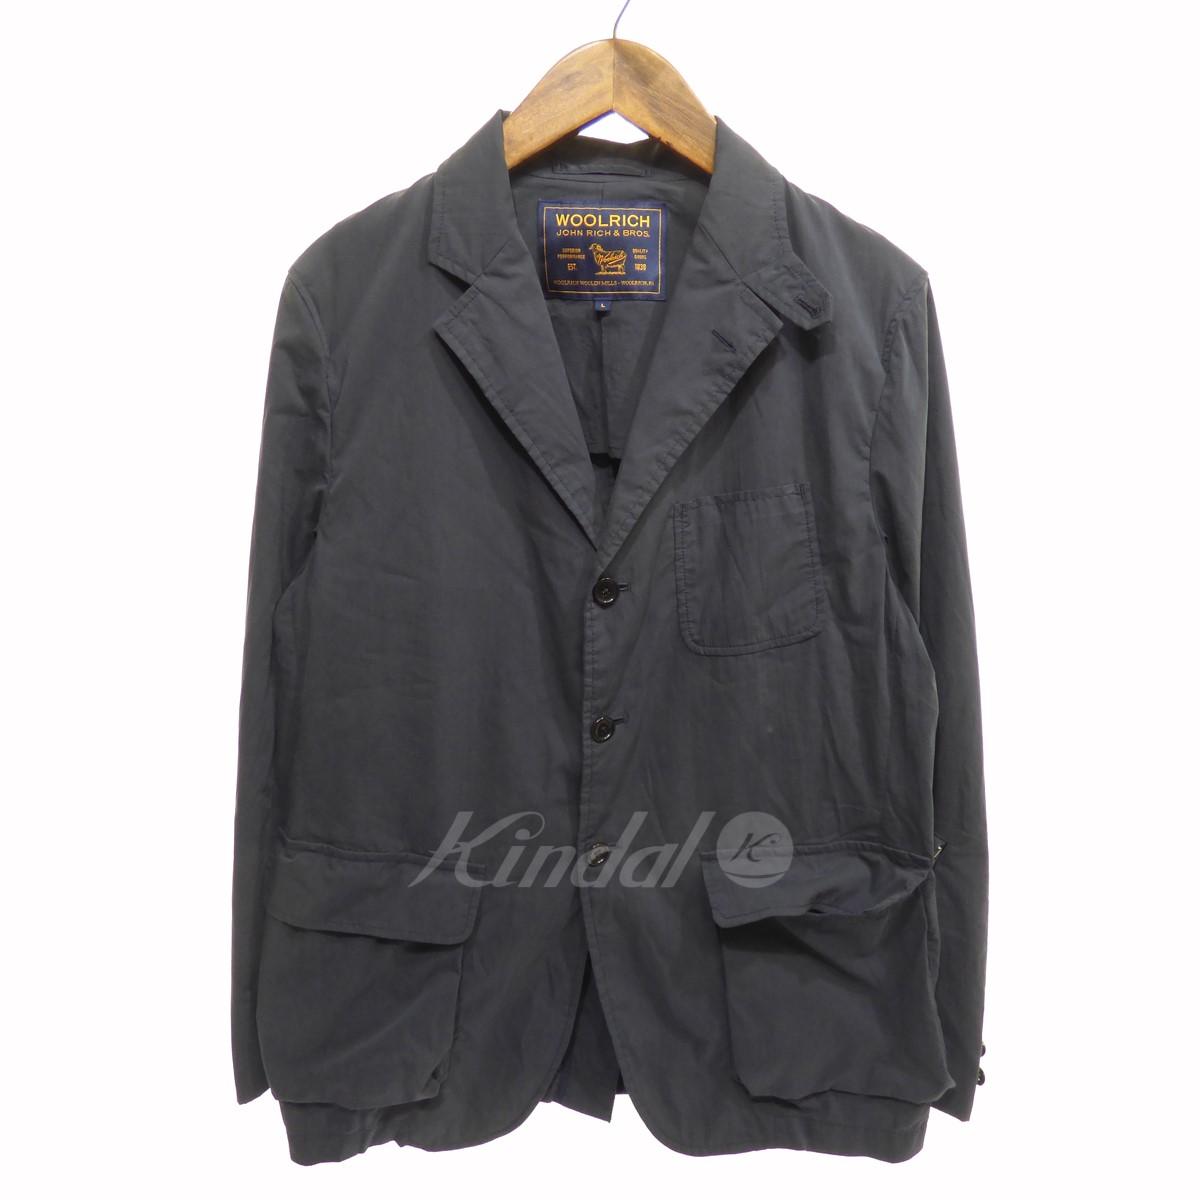 【中古】Wool rich ポリエステル混3Bコットンテーラードジャケット ネイビー サイズ:L 【送料無料】 【080418】(ウールリッチ)